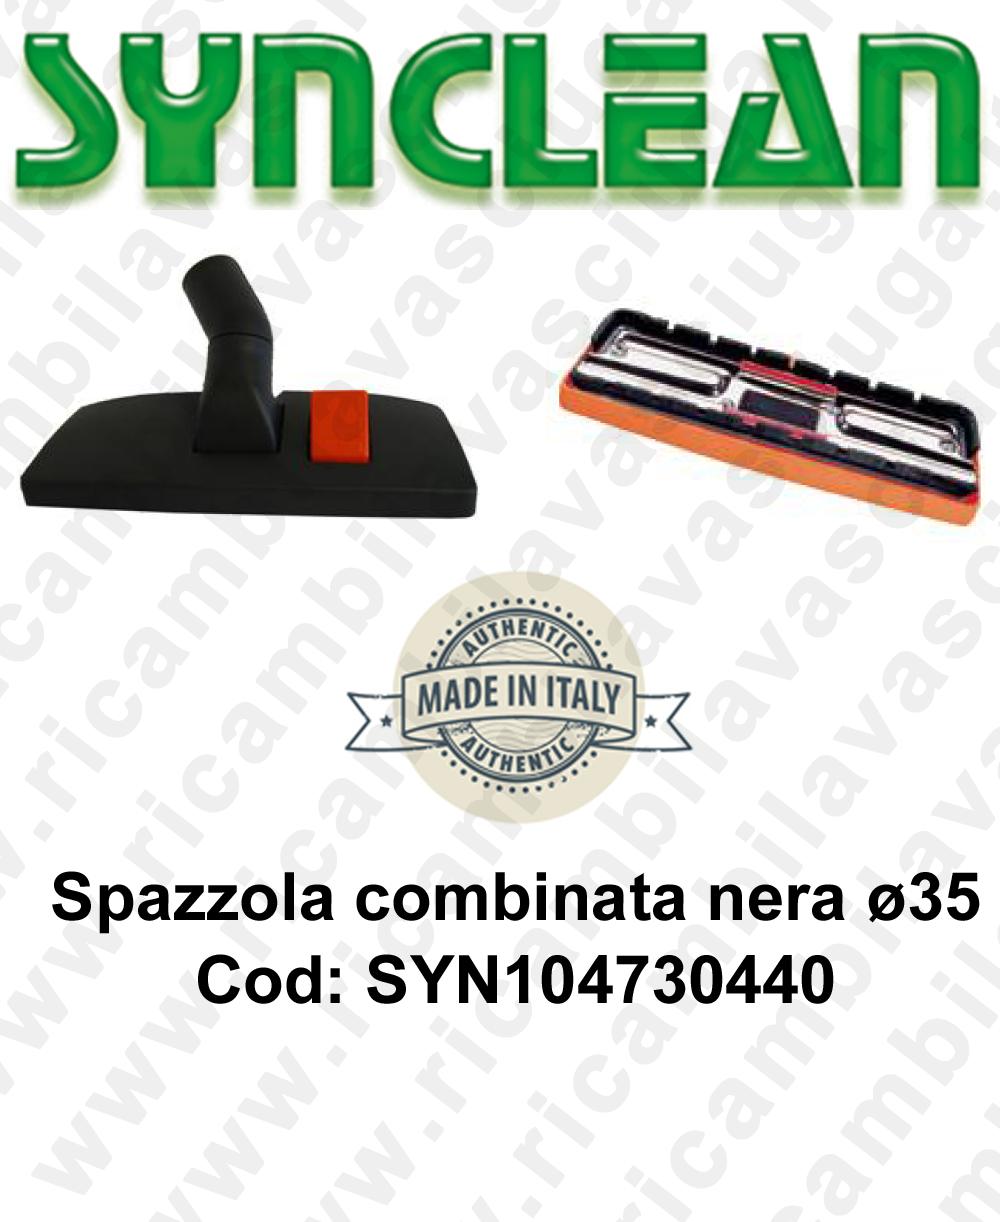 BROSSE COMBINATA diamétre  35 pour aspirateur et SCOPA ELETTRICA SYN104730440